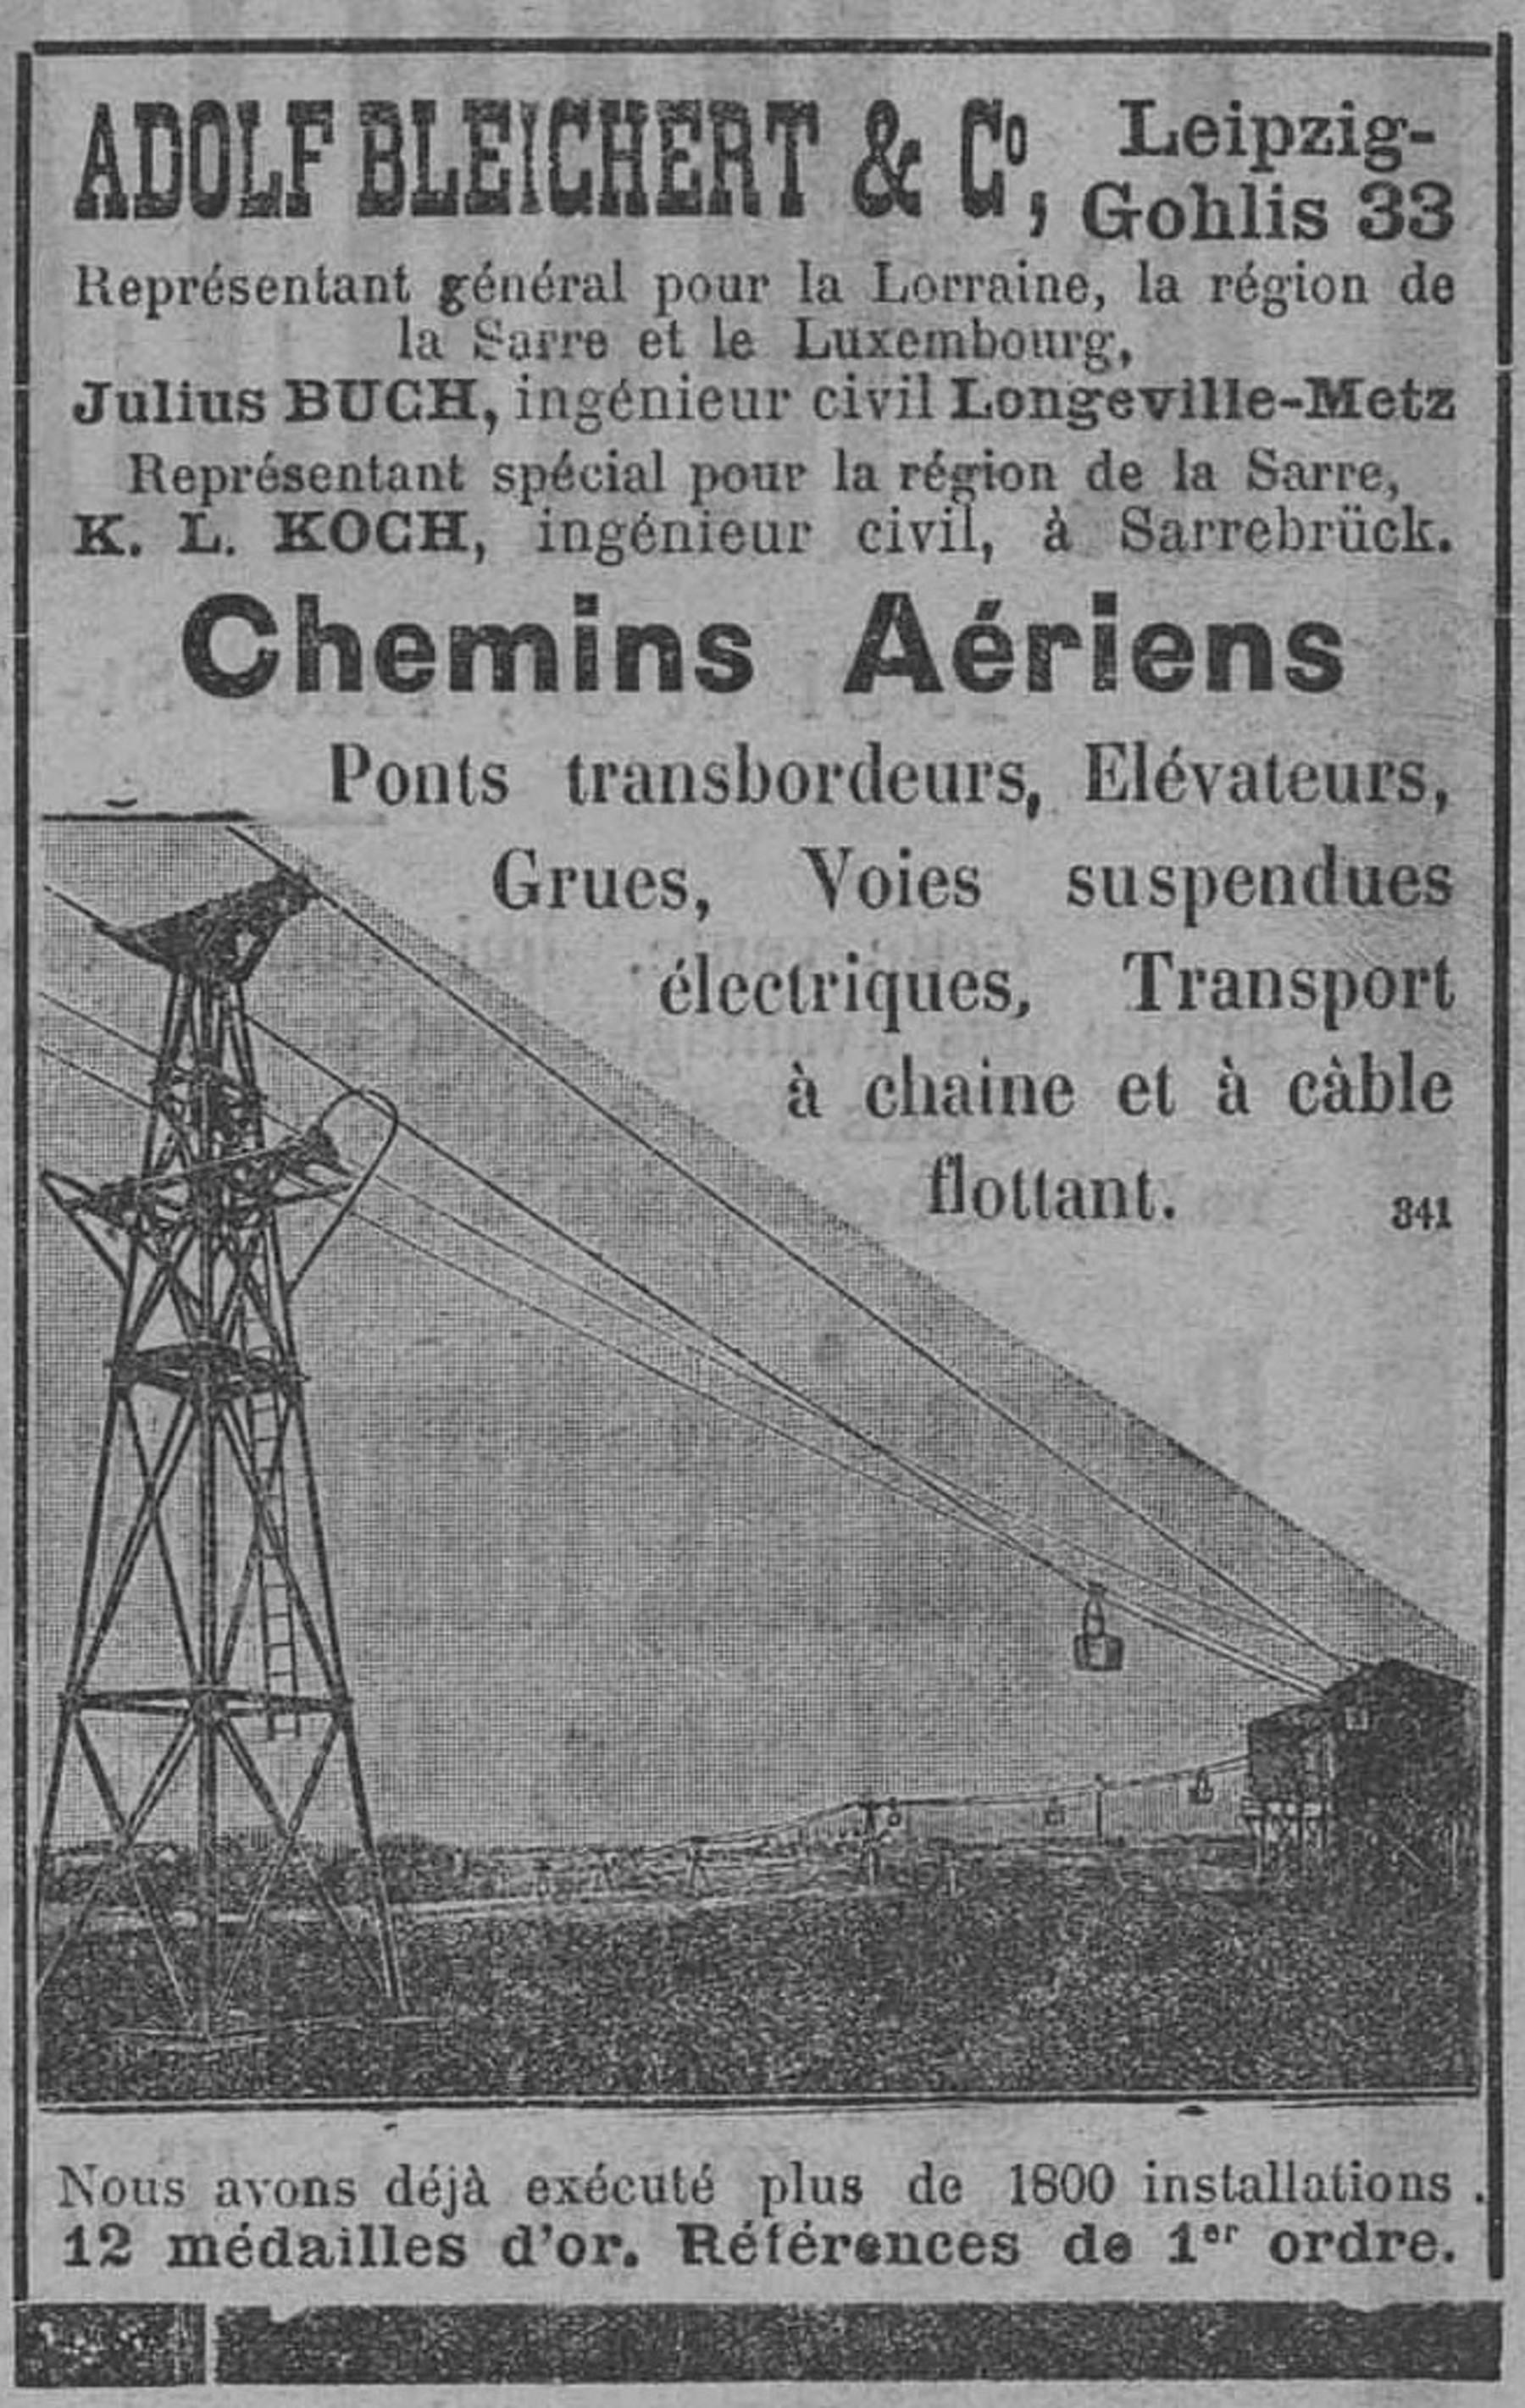 Contenu du Chemins aériens, pont transbordeurs, élévateurs, grues, voies suspendues électriques, transport à chaine et à câble flottant